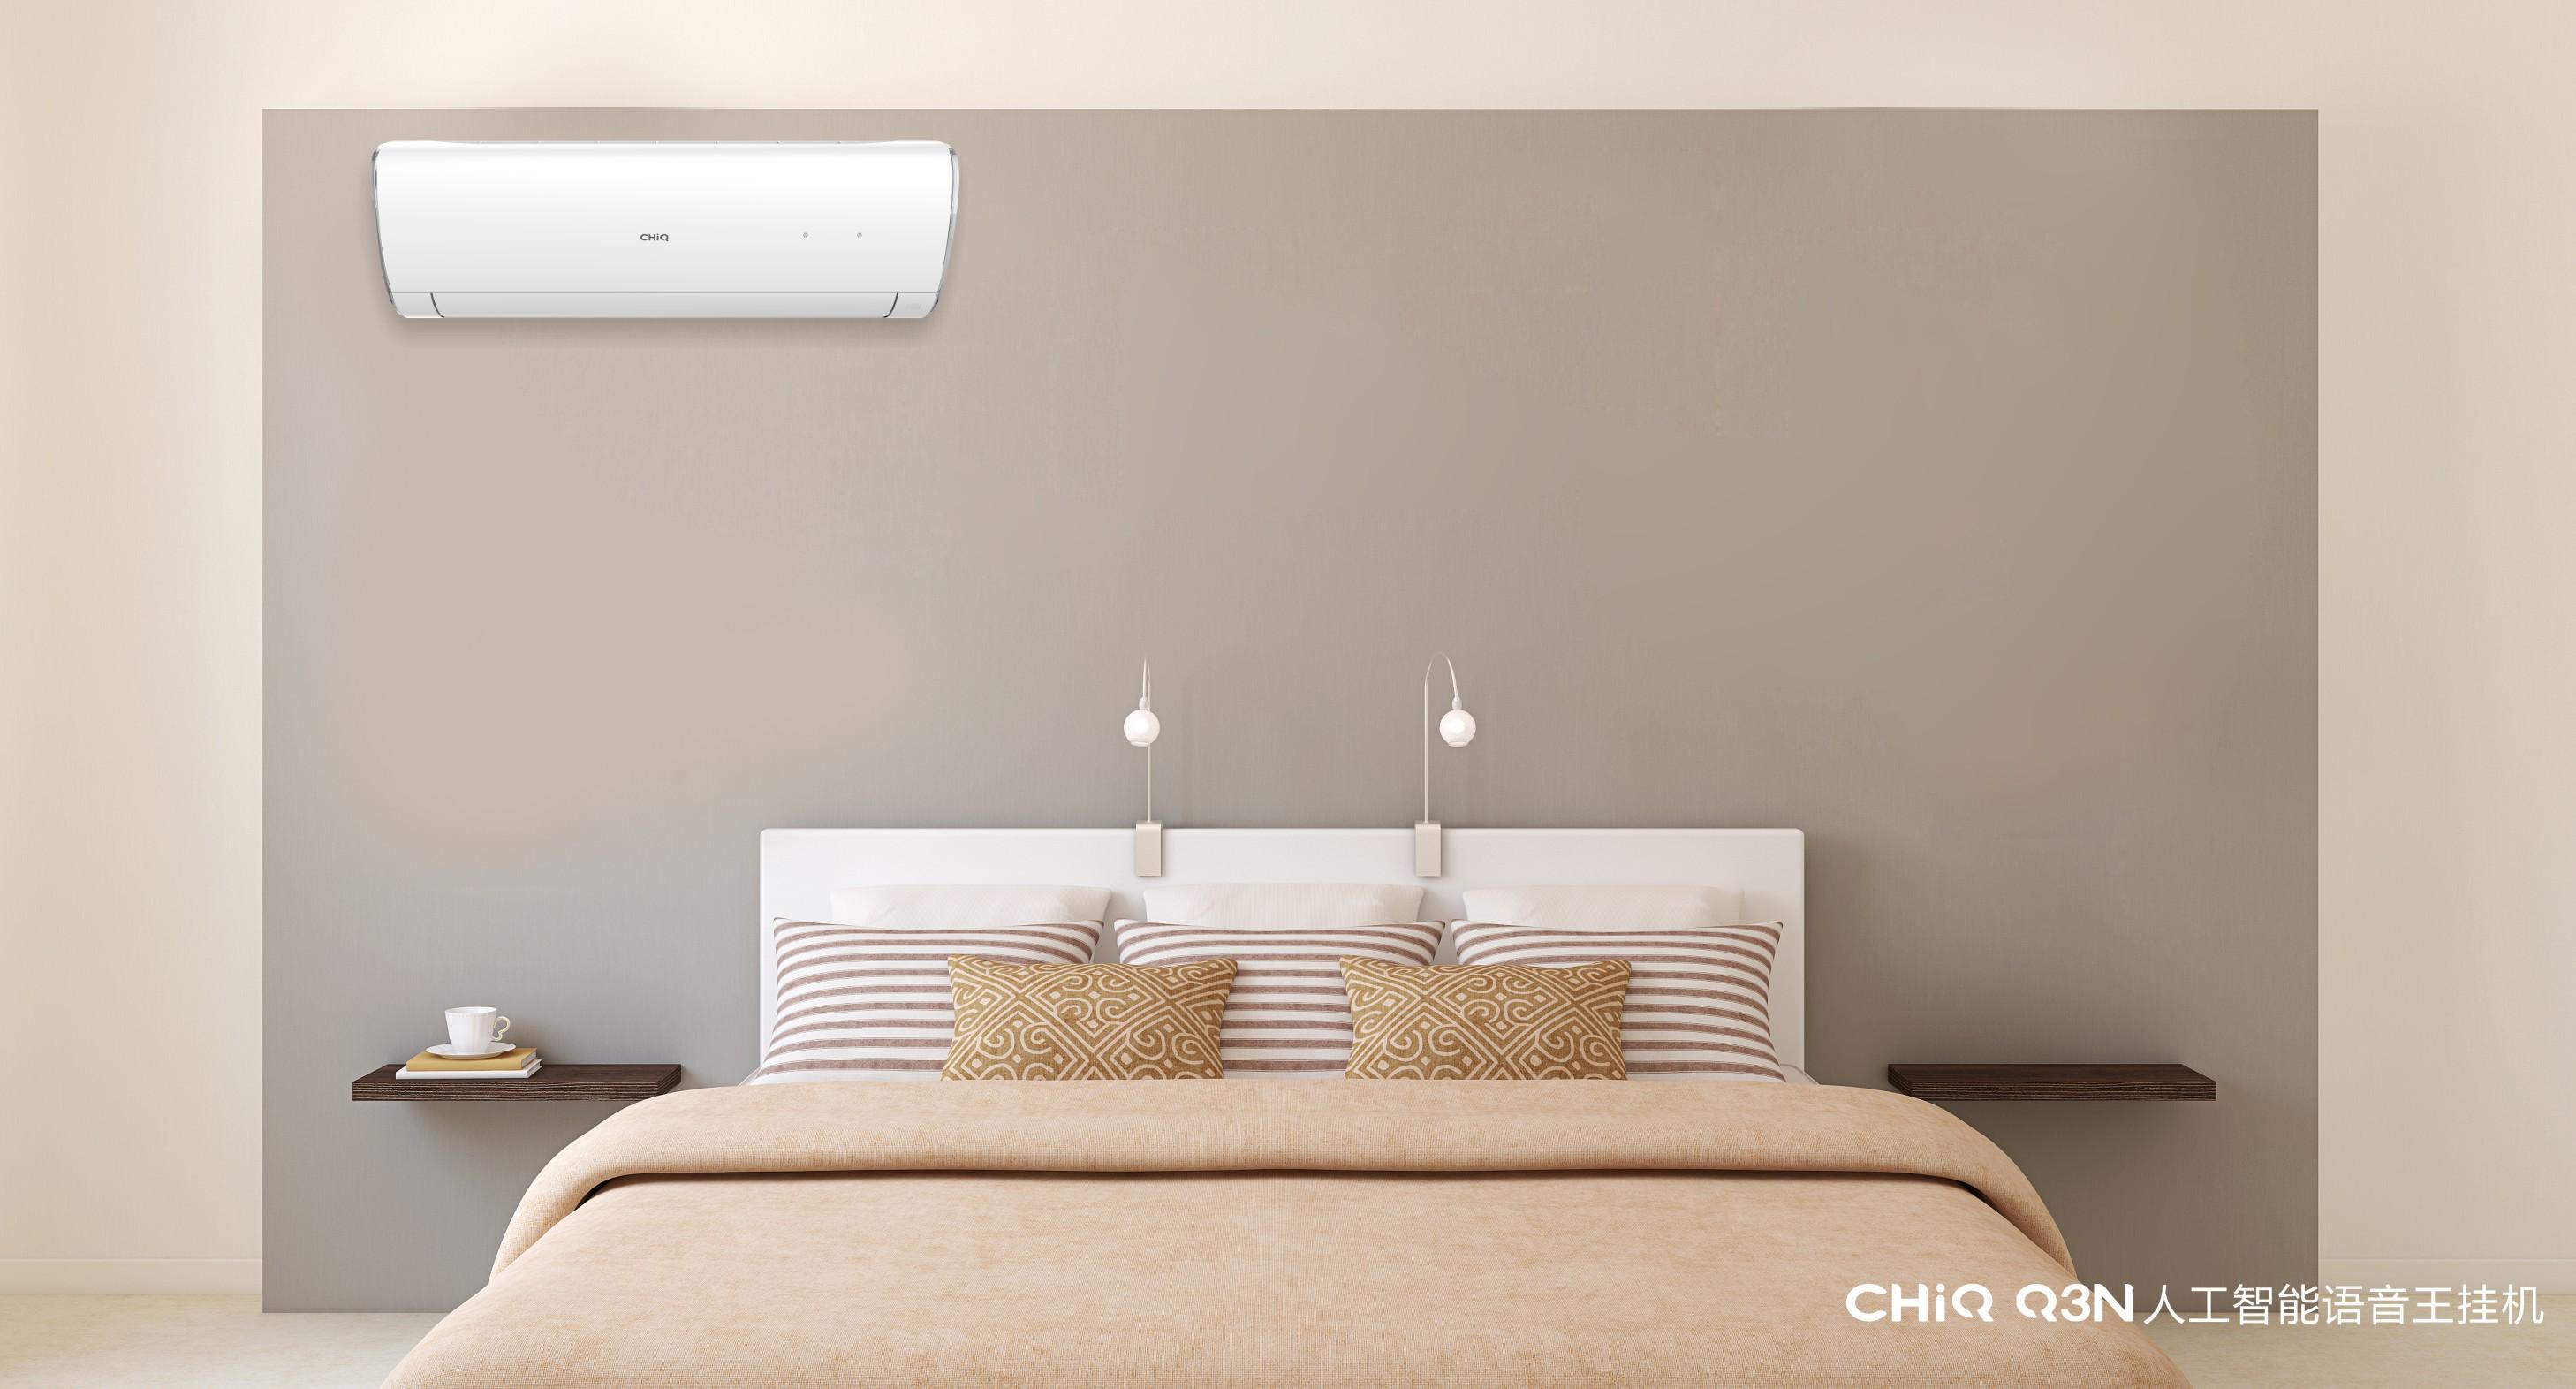 长虹CHiQ空调Q3N测评:这次可以扔掉遥控器了吗?